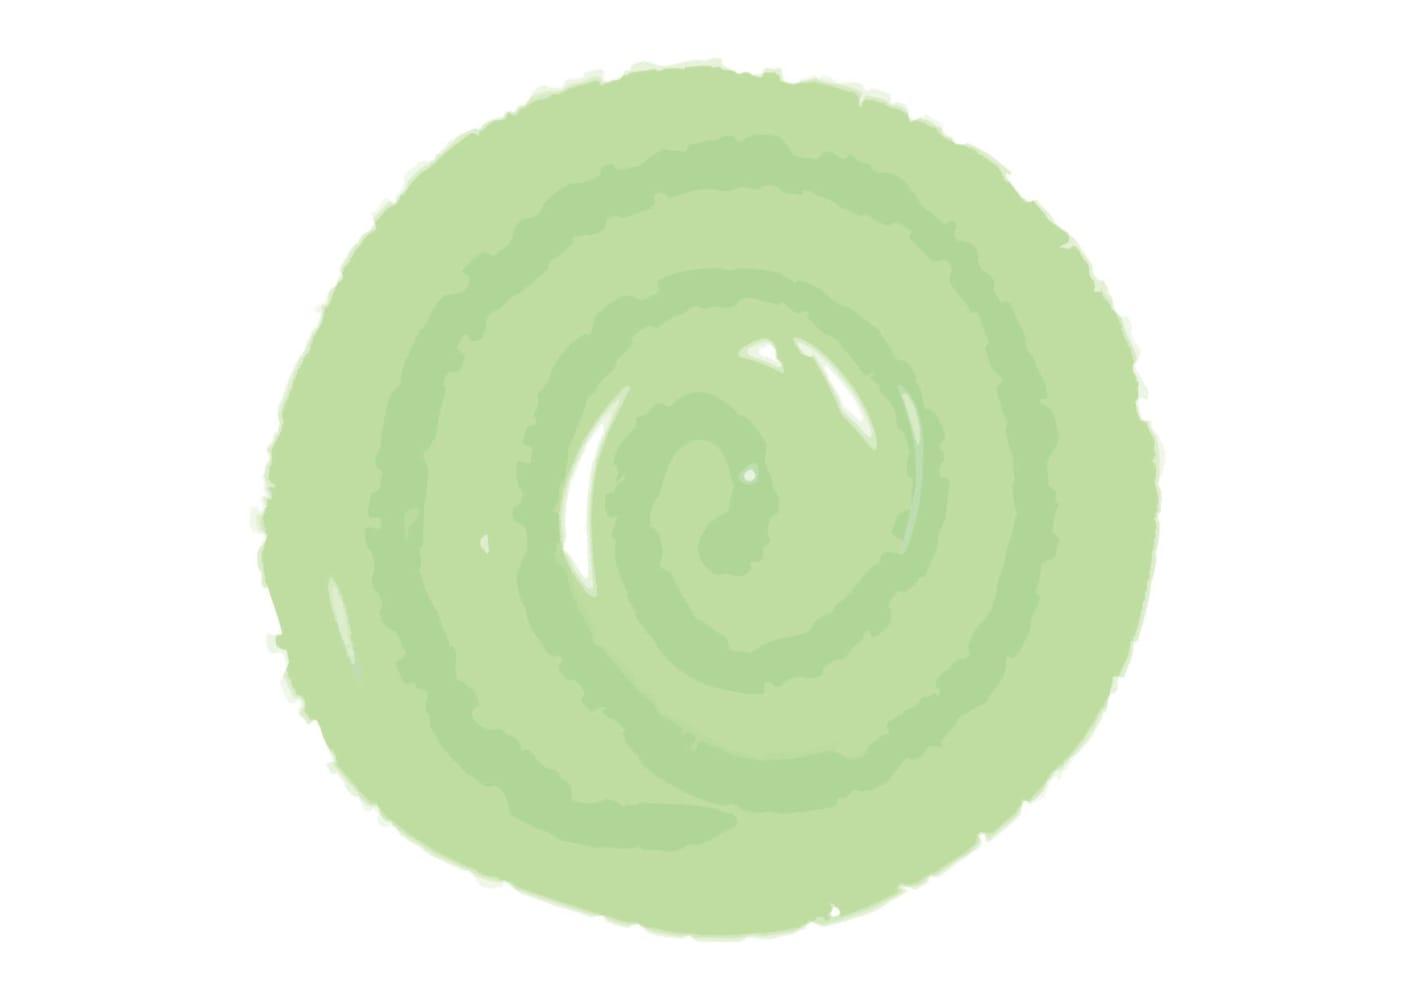 水彩 背景 フレーム 緑色 イラスト 無料